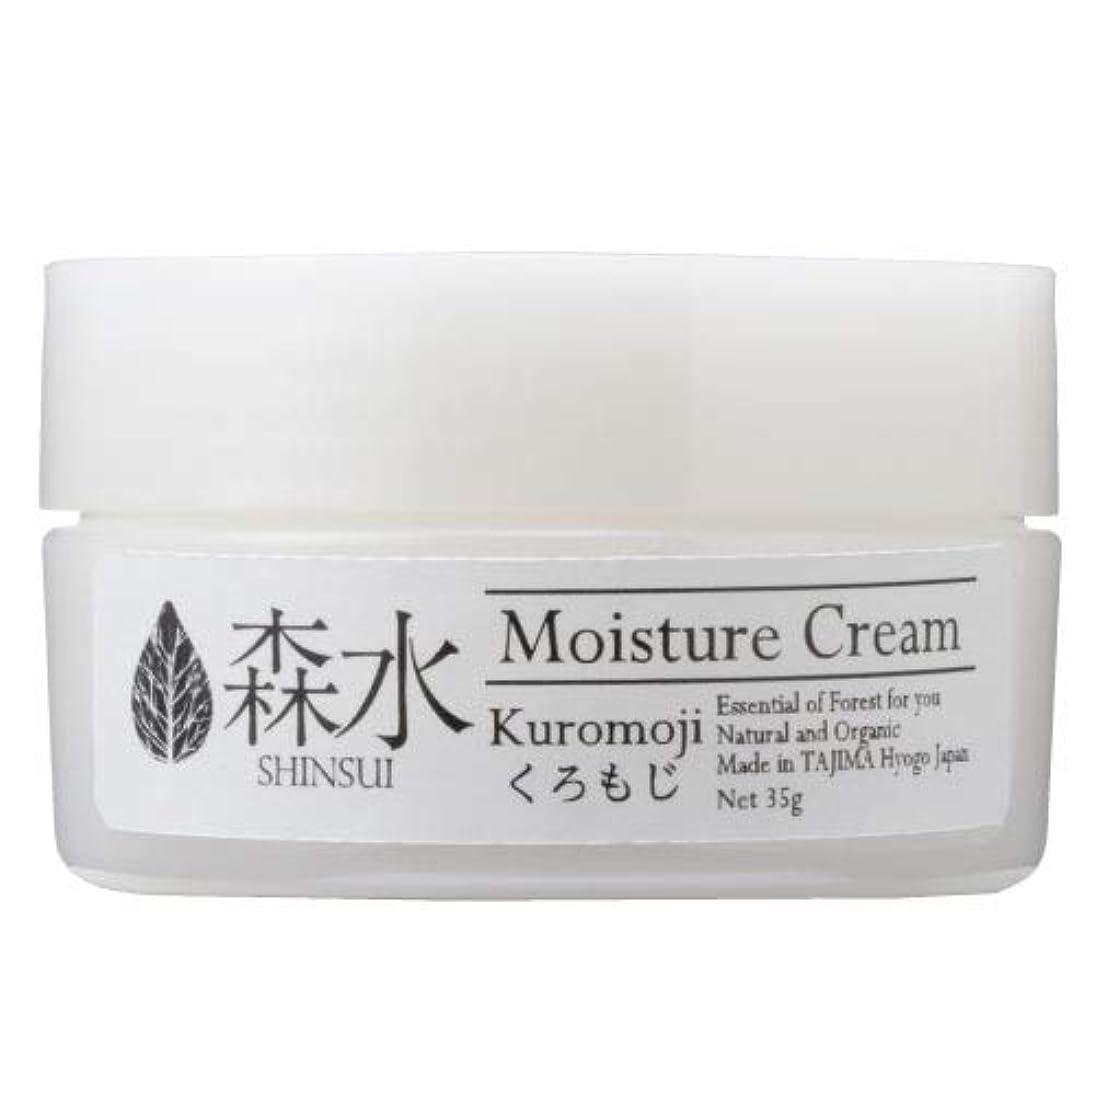 明らかにするレディ息子森水-SHINSUI シンスイ-くろもじクリーム(Kuromoji Moisture Cream)35g